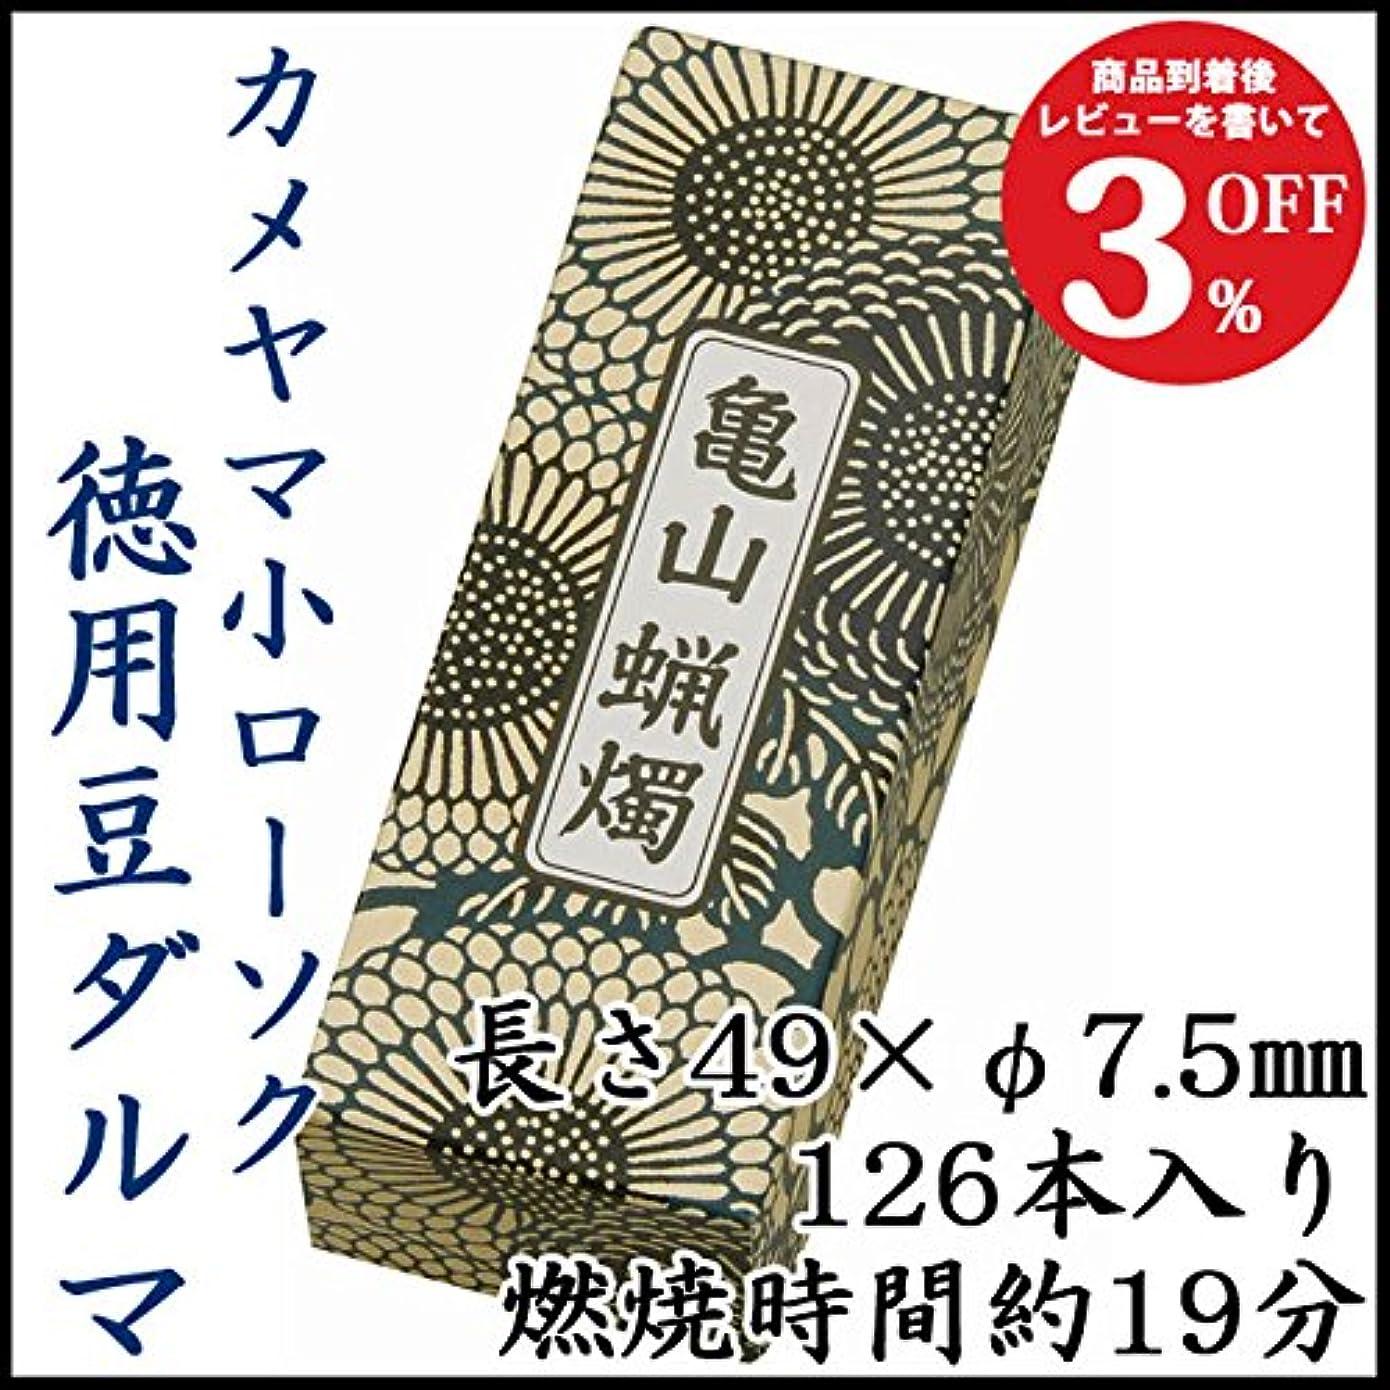 組立場所デモンストレーションカメヤマ小ローソク 徳用豆ダルマA#151 225g